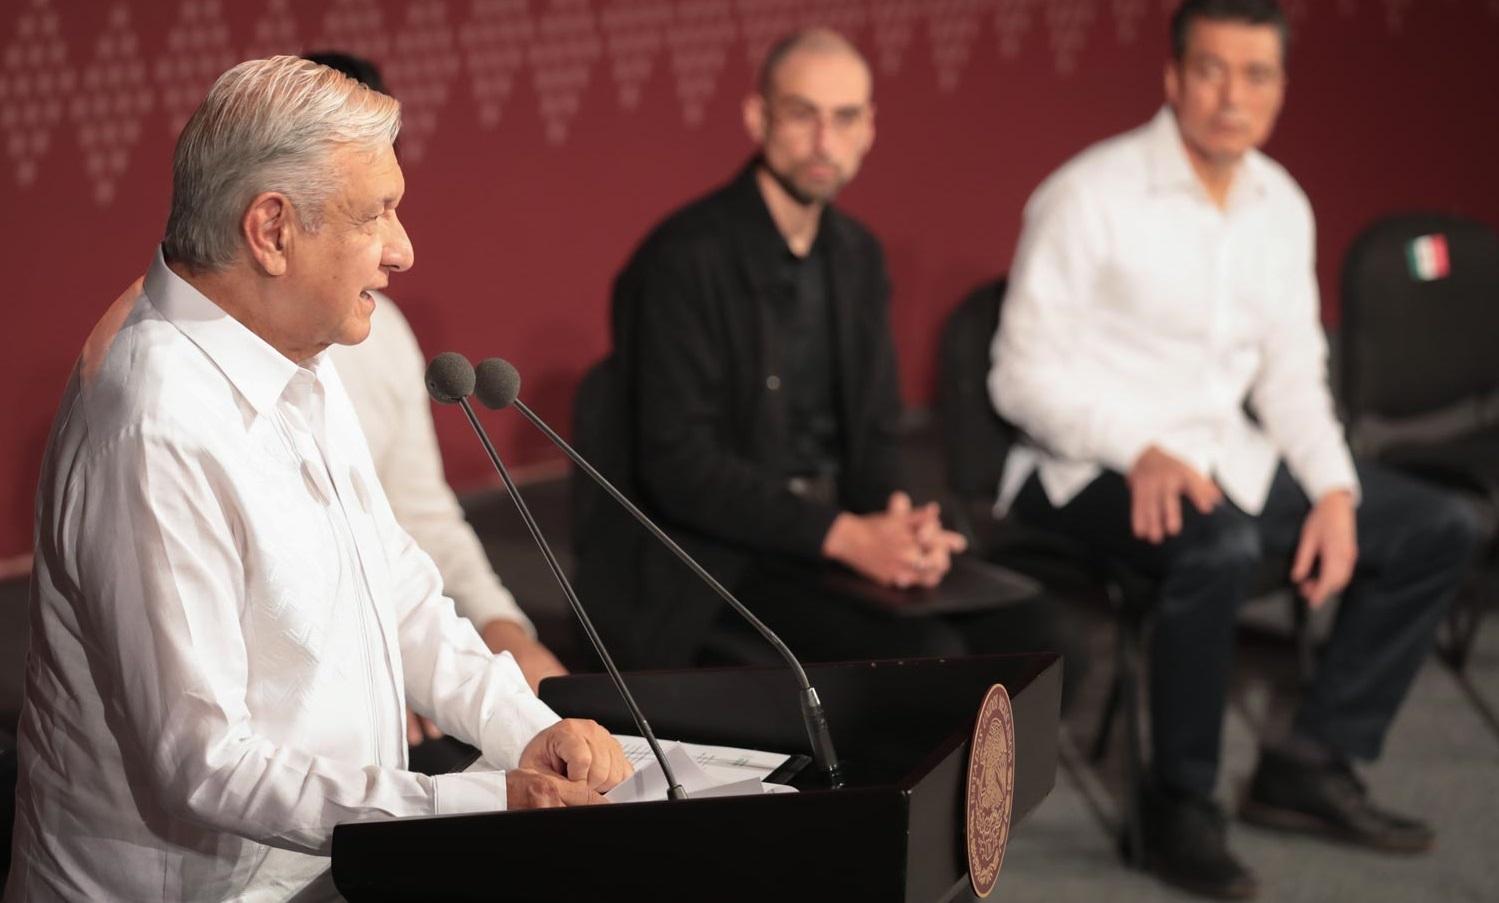 Discurso del presidente de Mexico Andres Manuel Lopez Obrador en el Bicentenario de la Independencia de Chiapas de la Corona Espanola desde Comitan de Dominguez